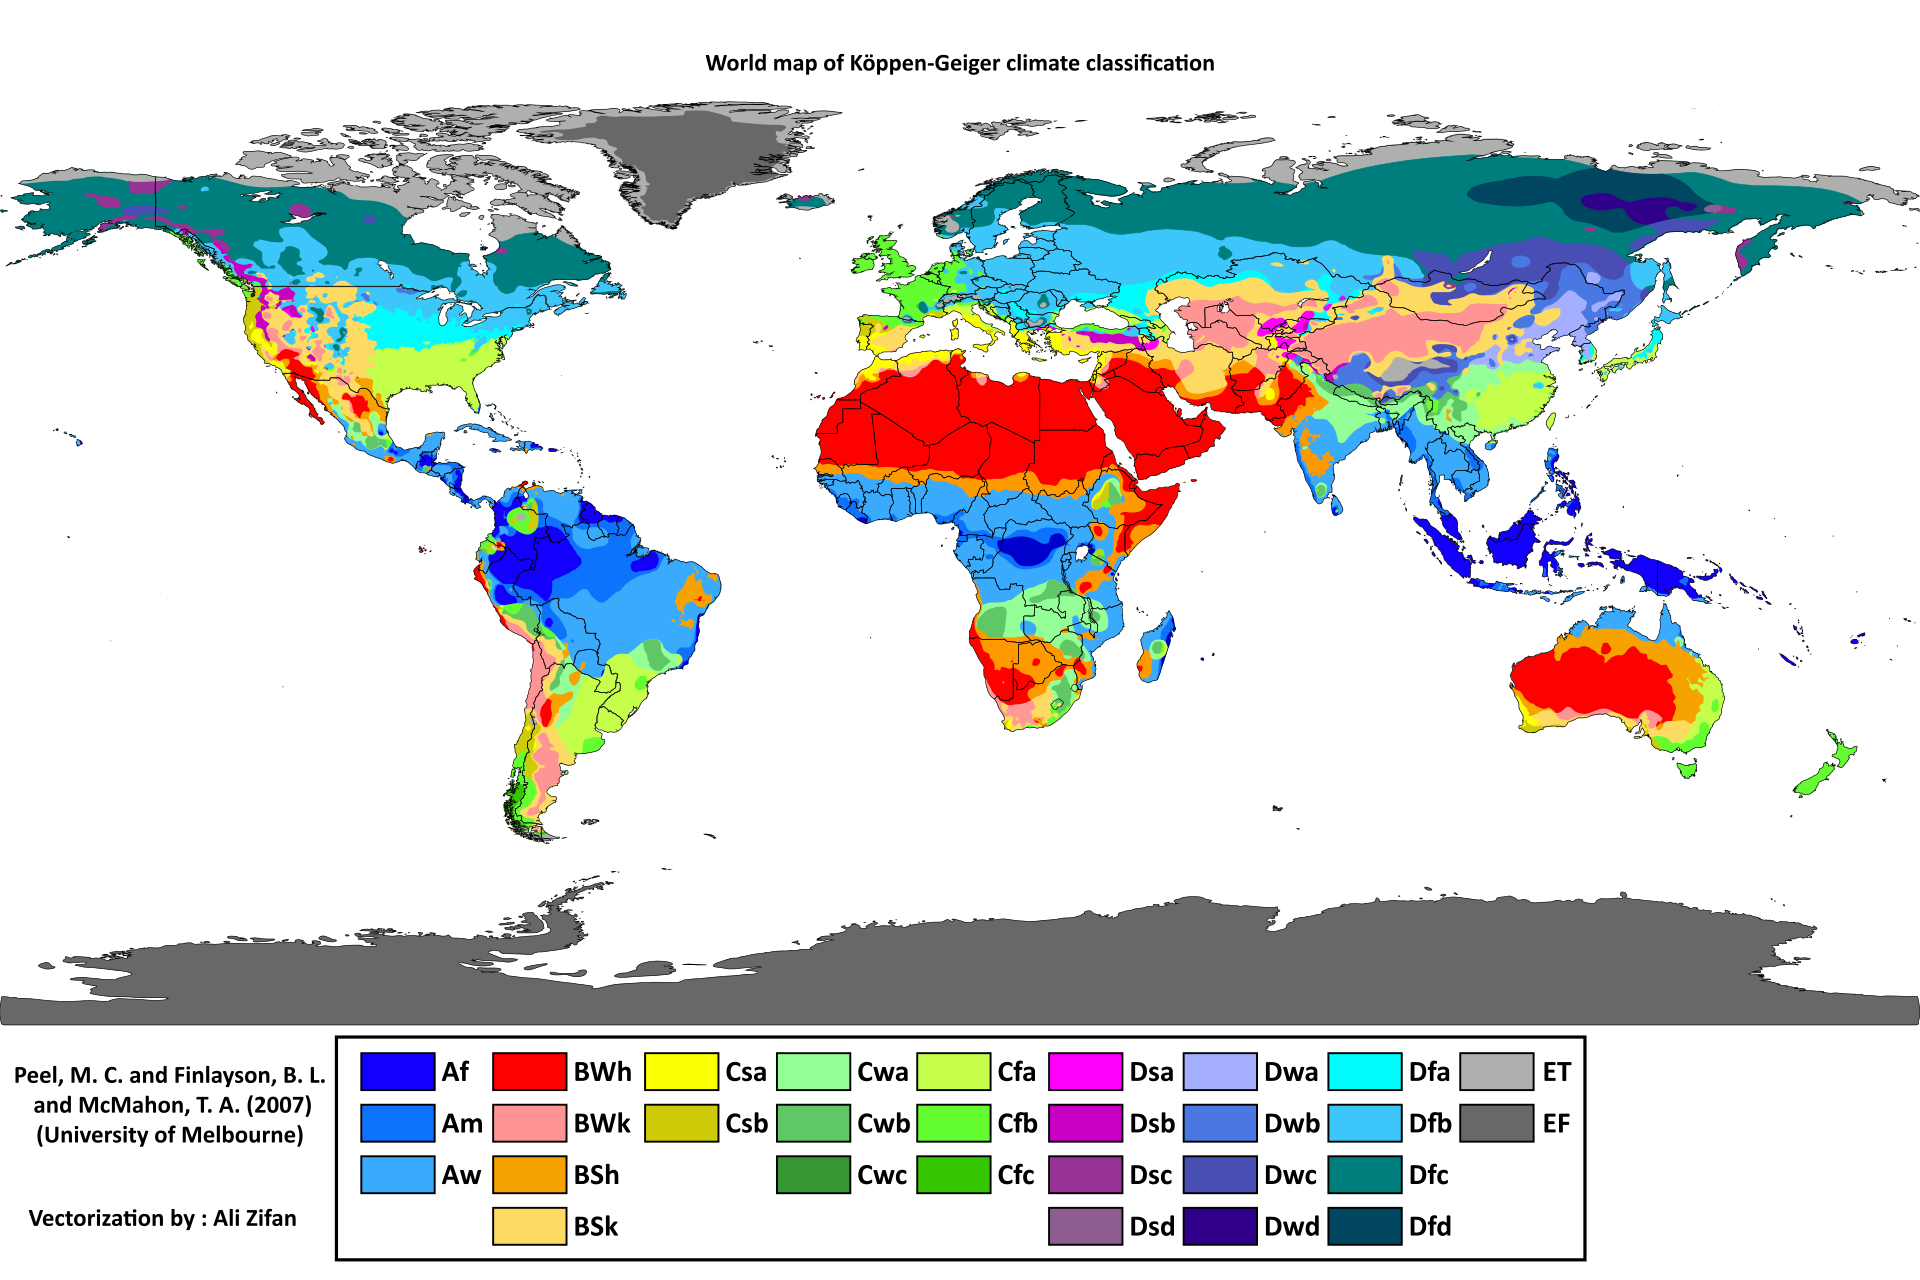 Koppen Climate Classification